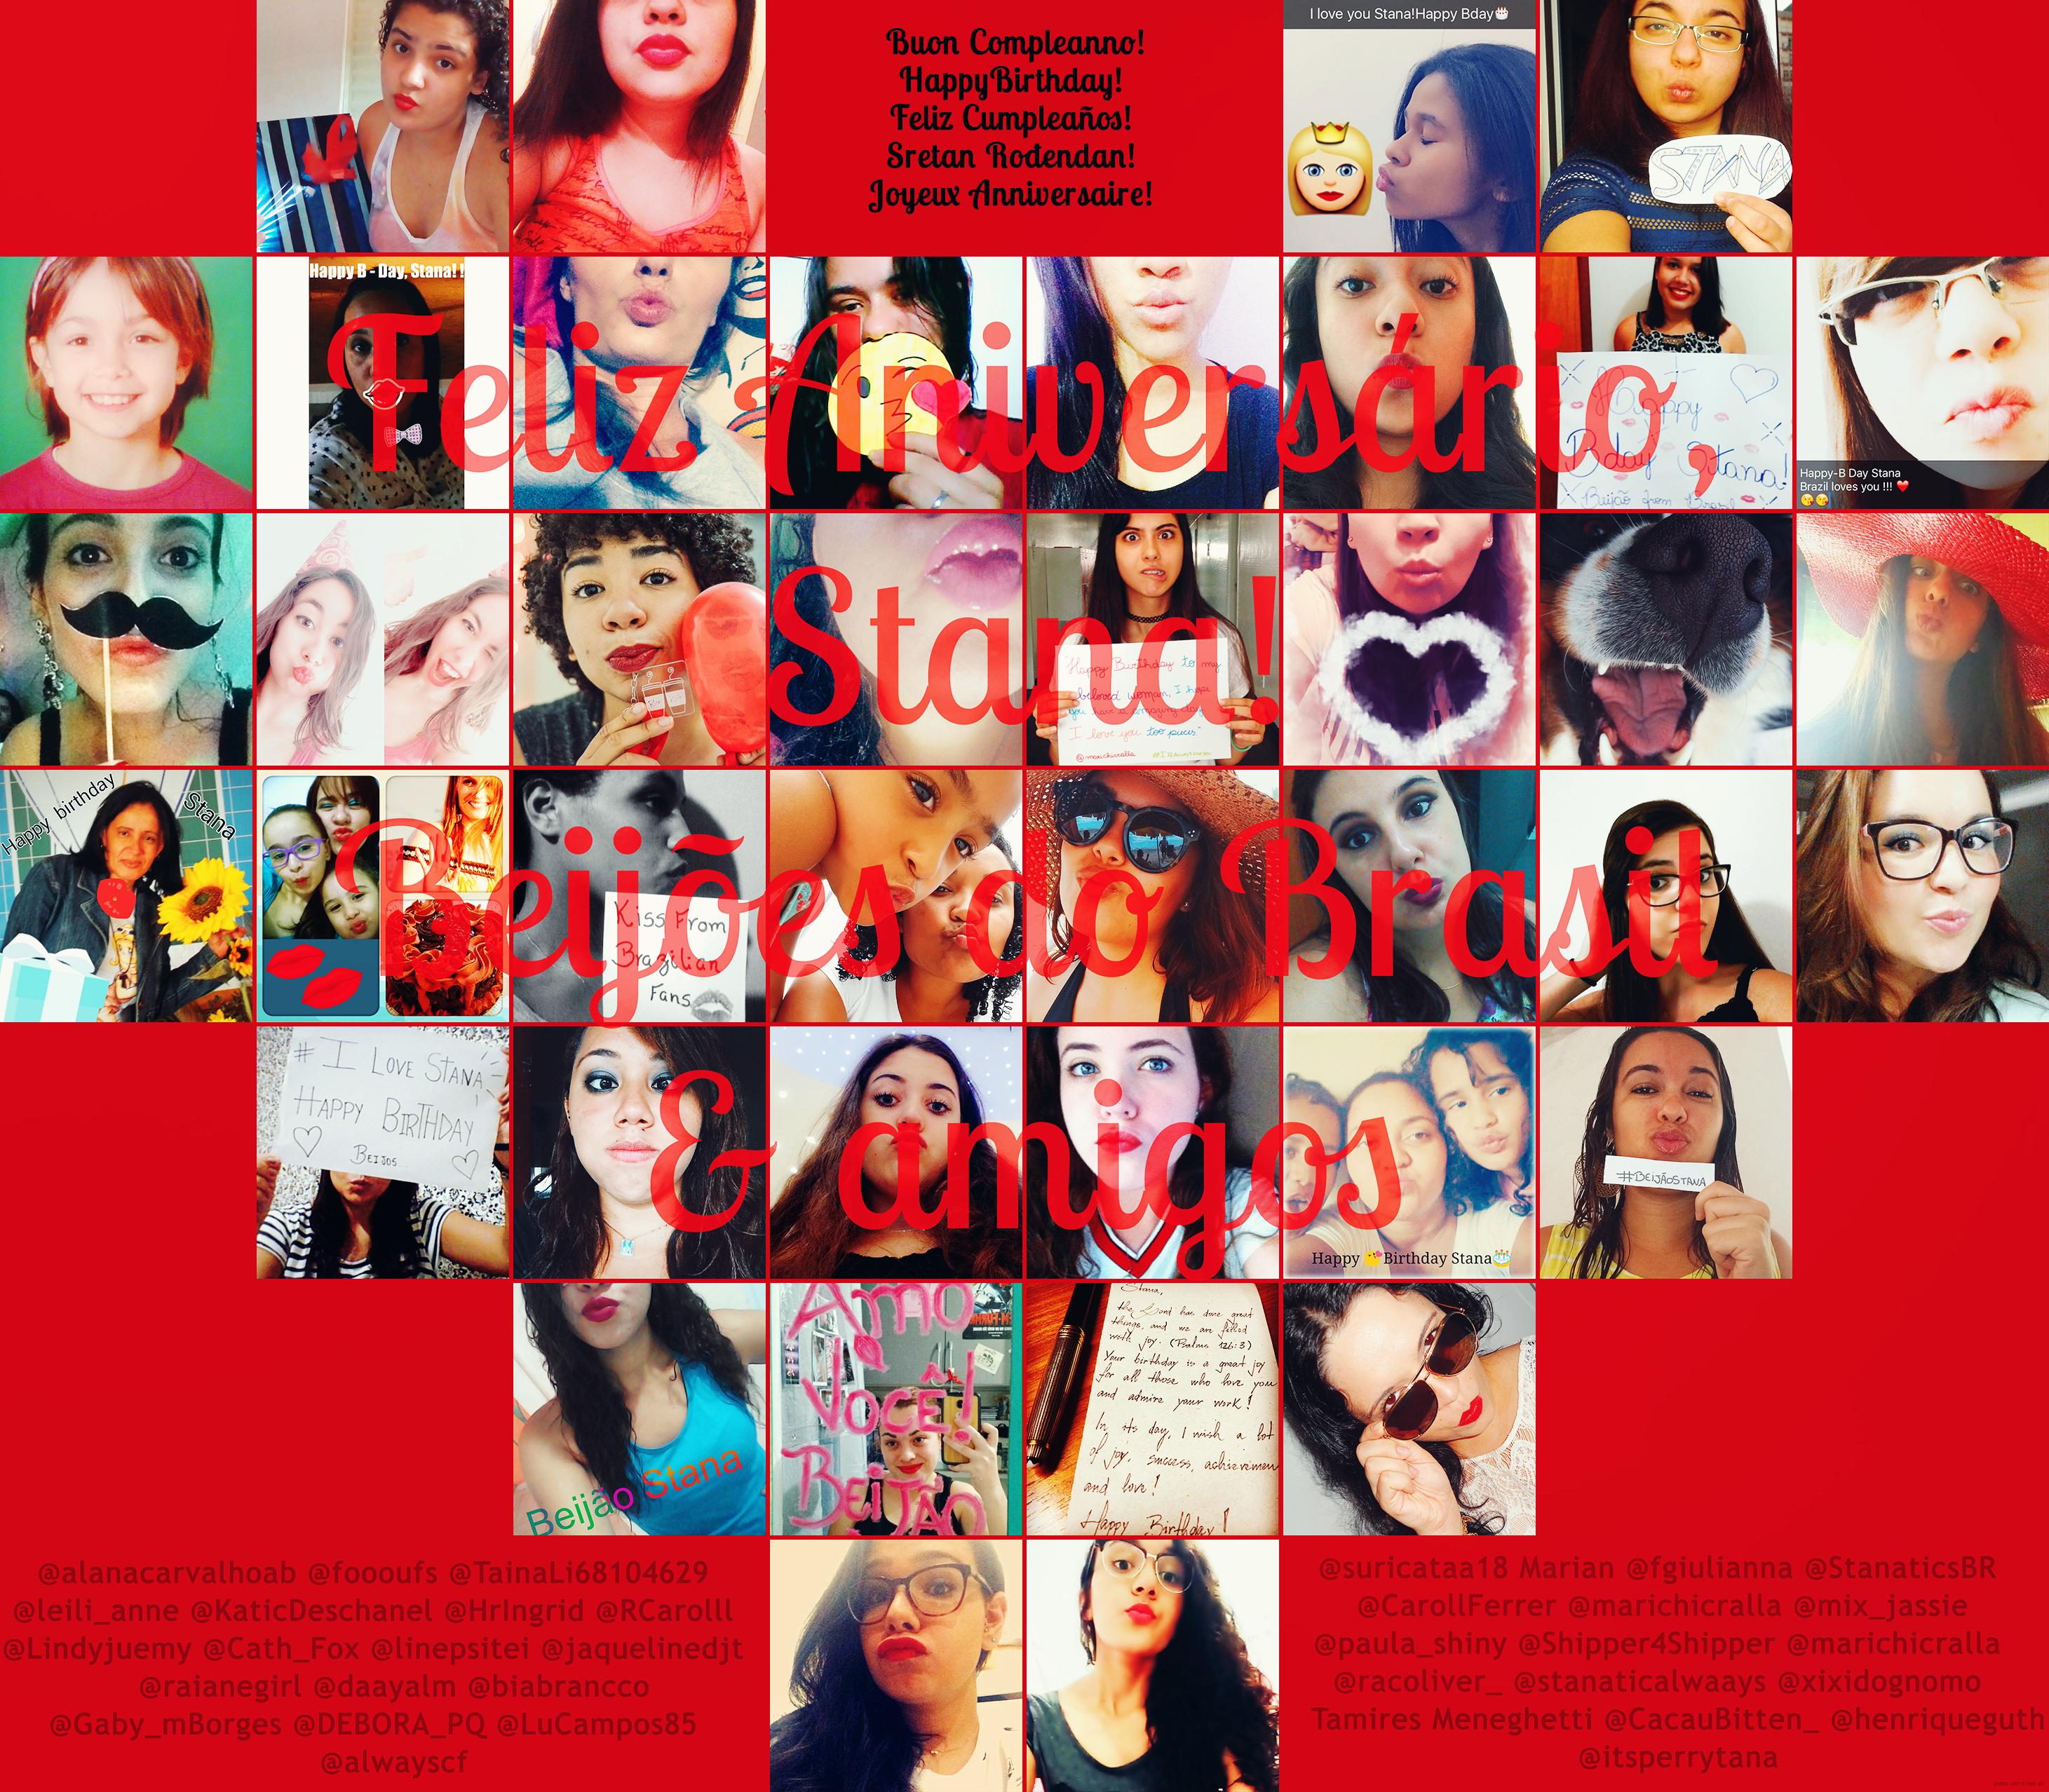 Projeto de Aniversário de Stana Katic - 2016